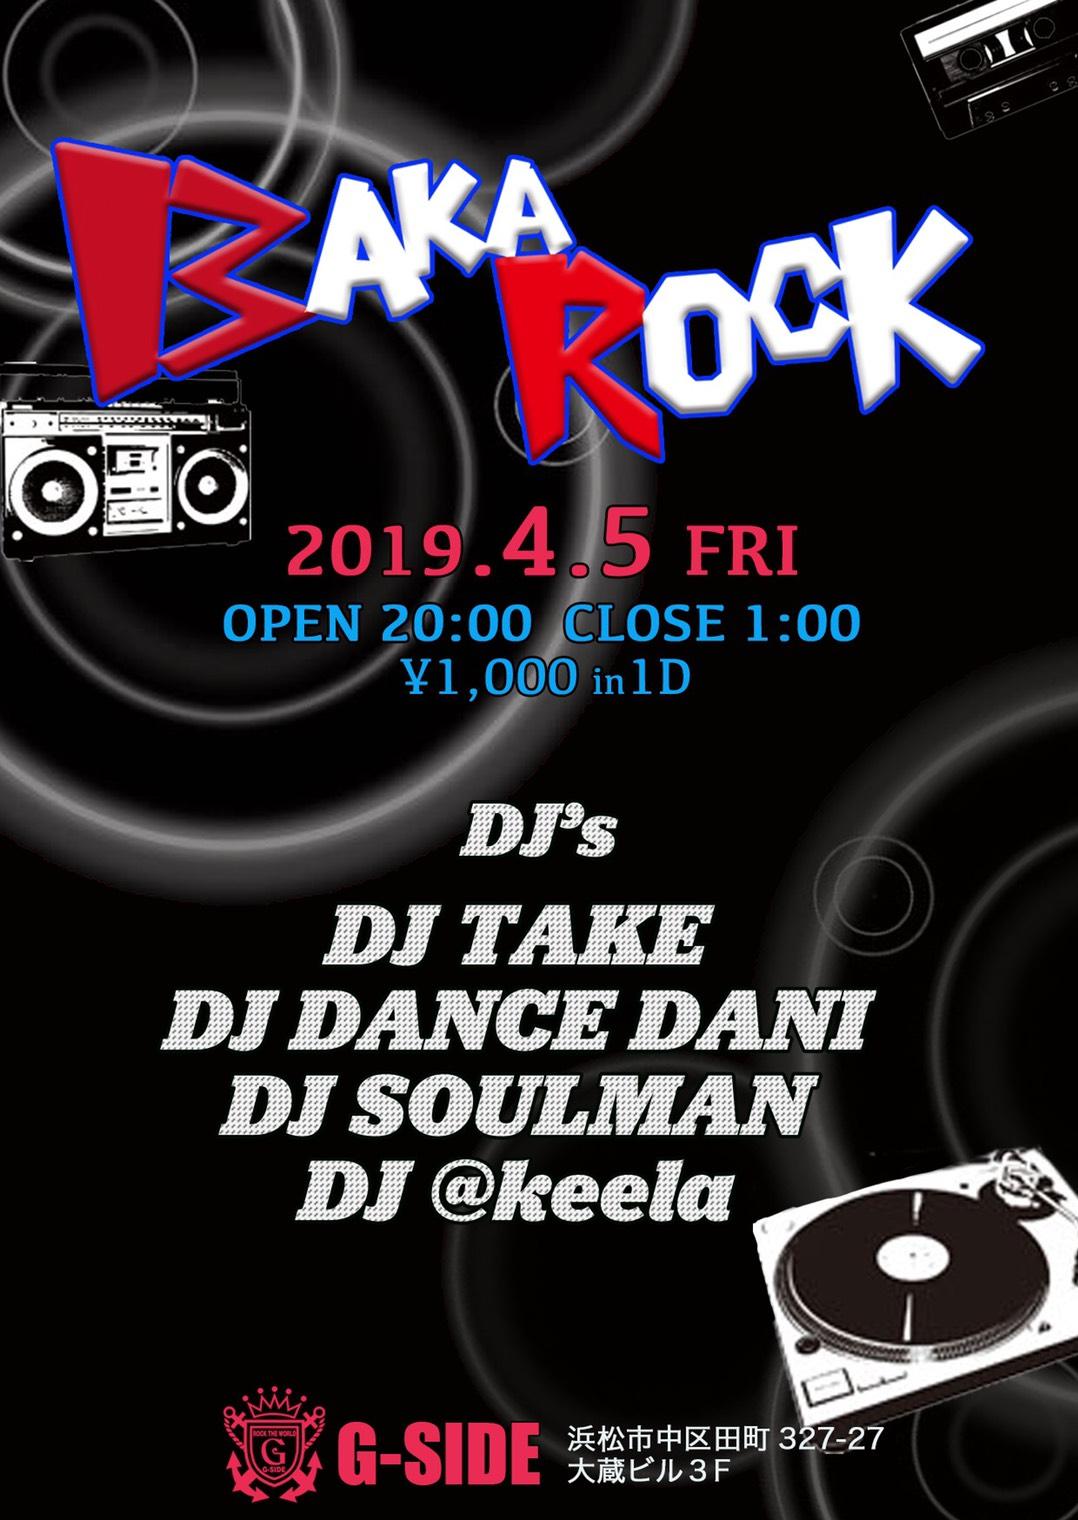 4月5日金曜日 BAKA ROCK vol.1